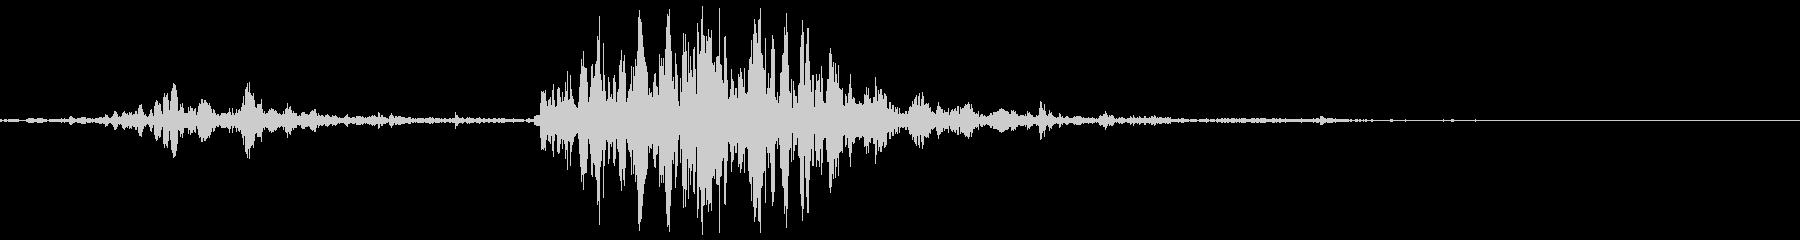 ダッフルバッグ:ドロップオンハード...の未再生の波形